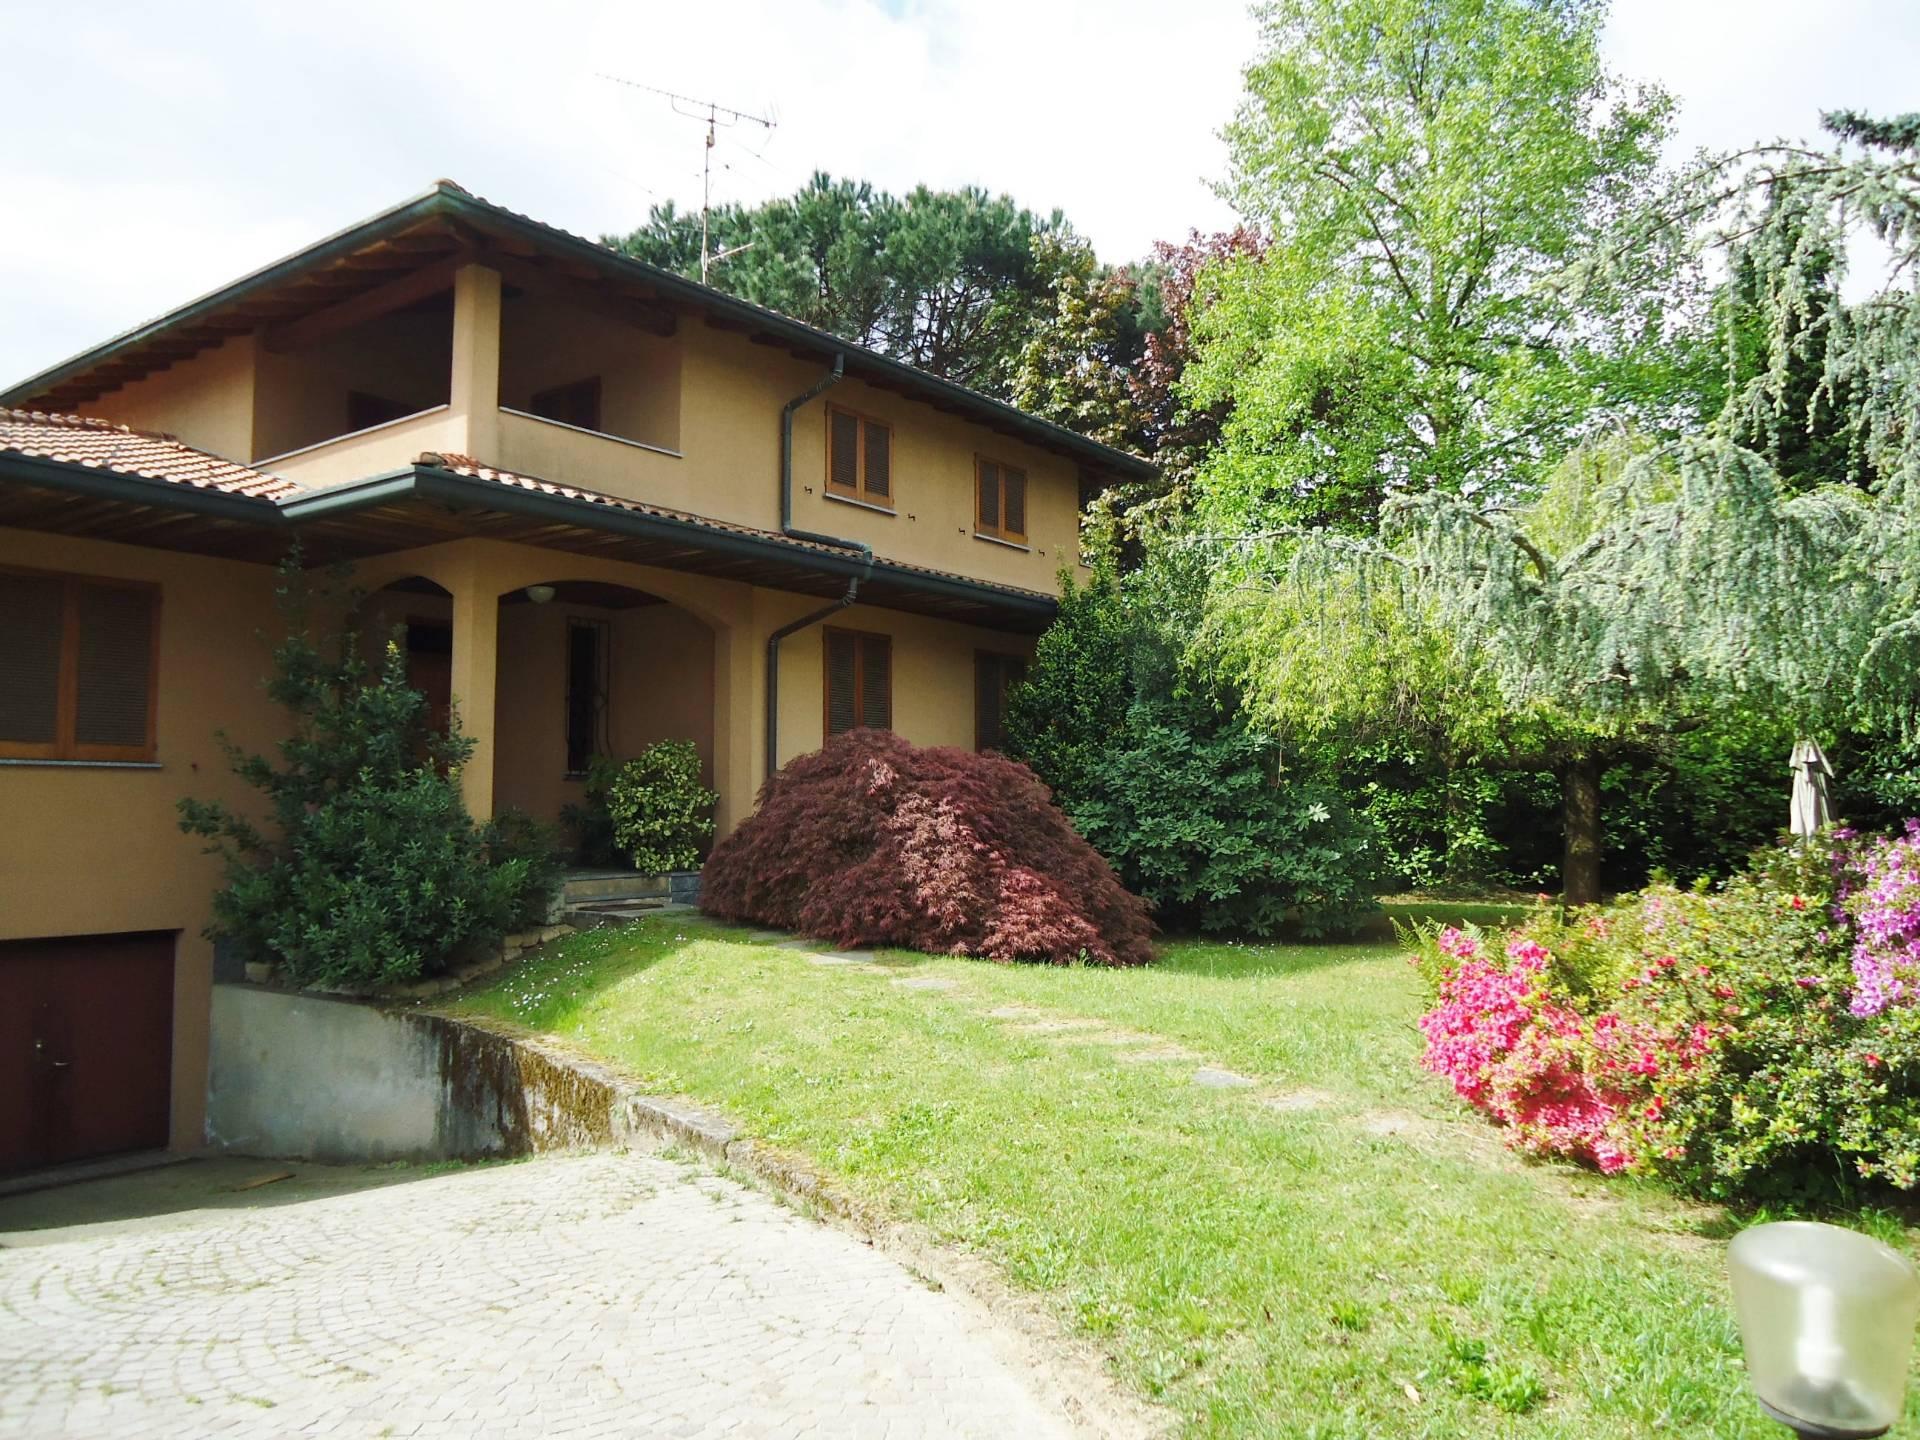 Villa in vendita a Buguggiate, 8 locali, prezzo € 460.000 | CambioCasa.it